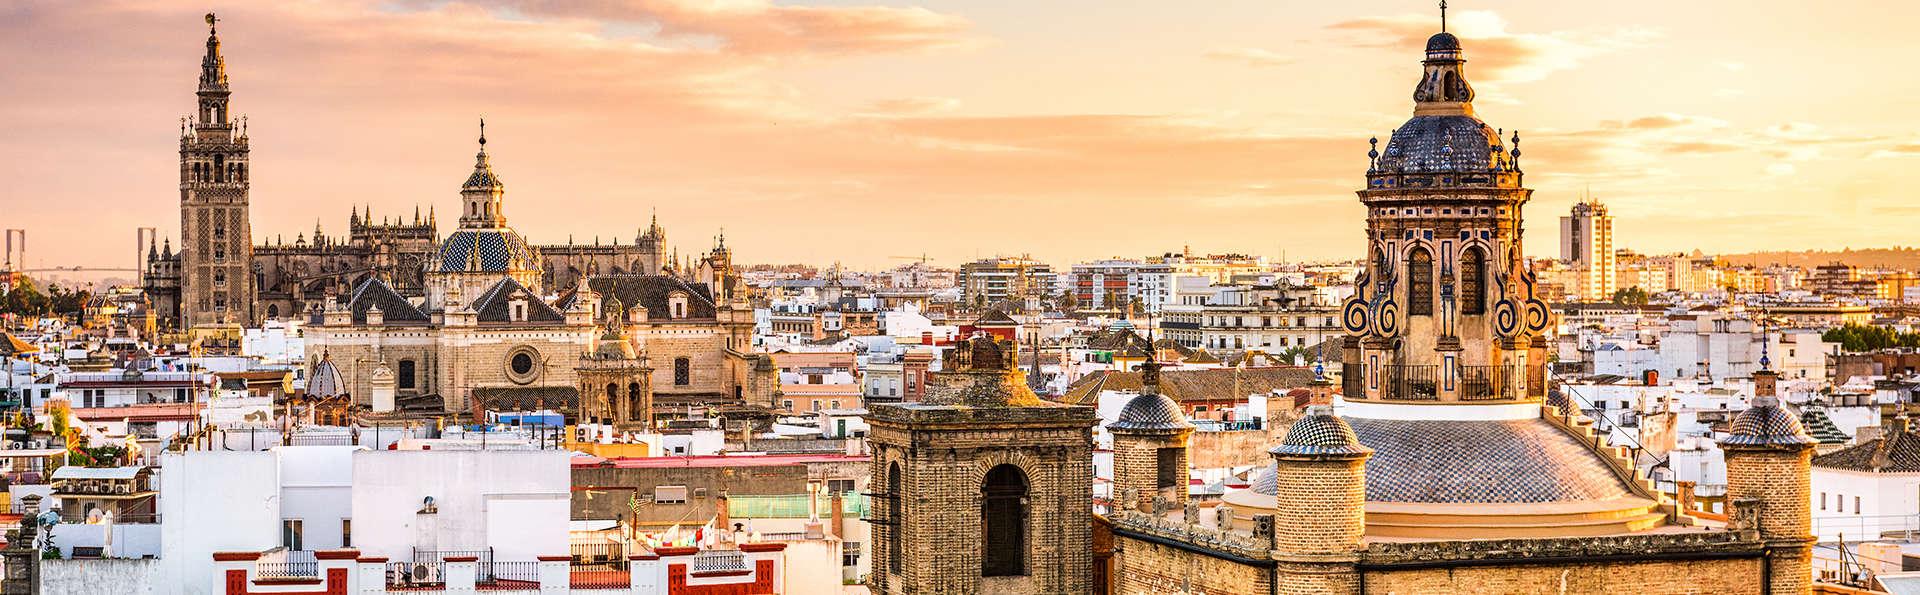 Pied-à-terre idéal aux portes de Seville